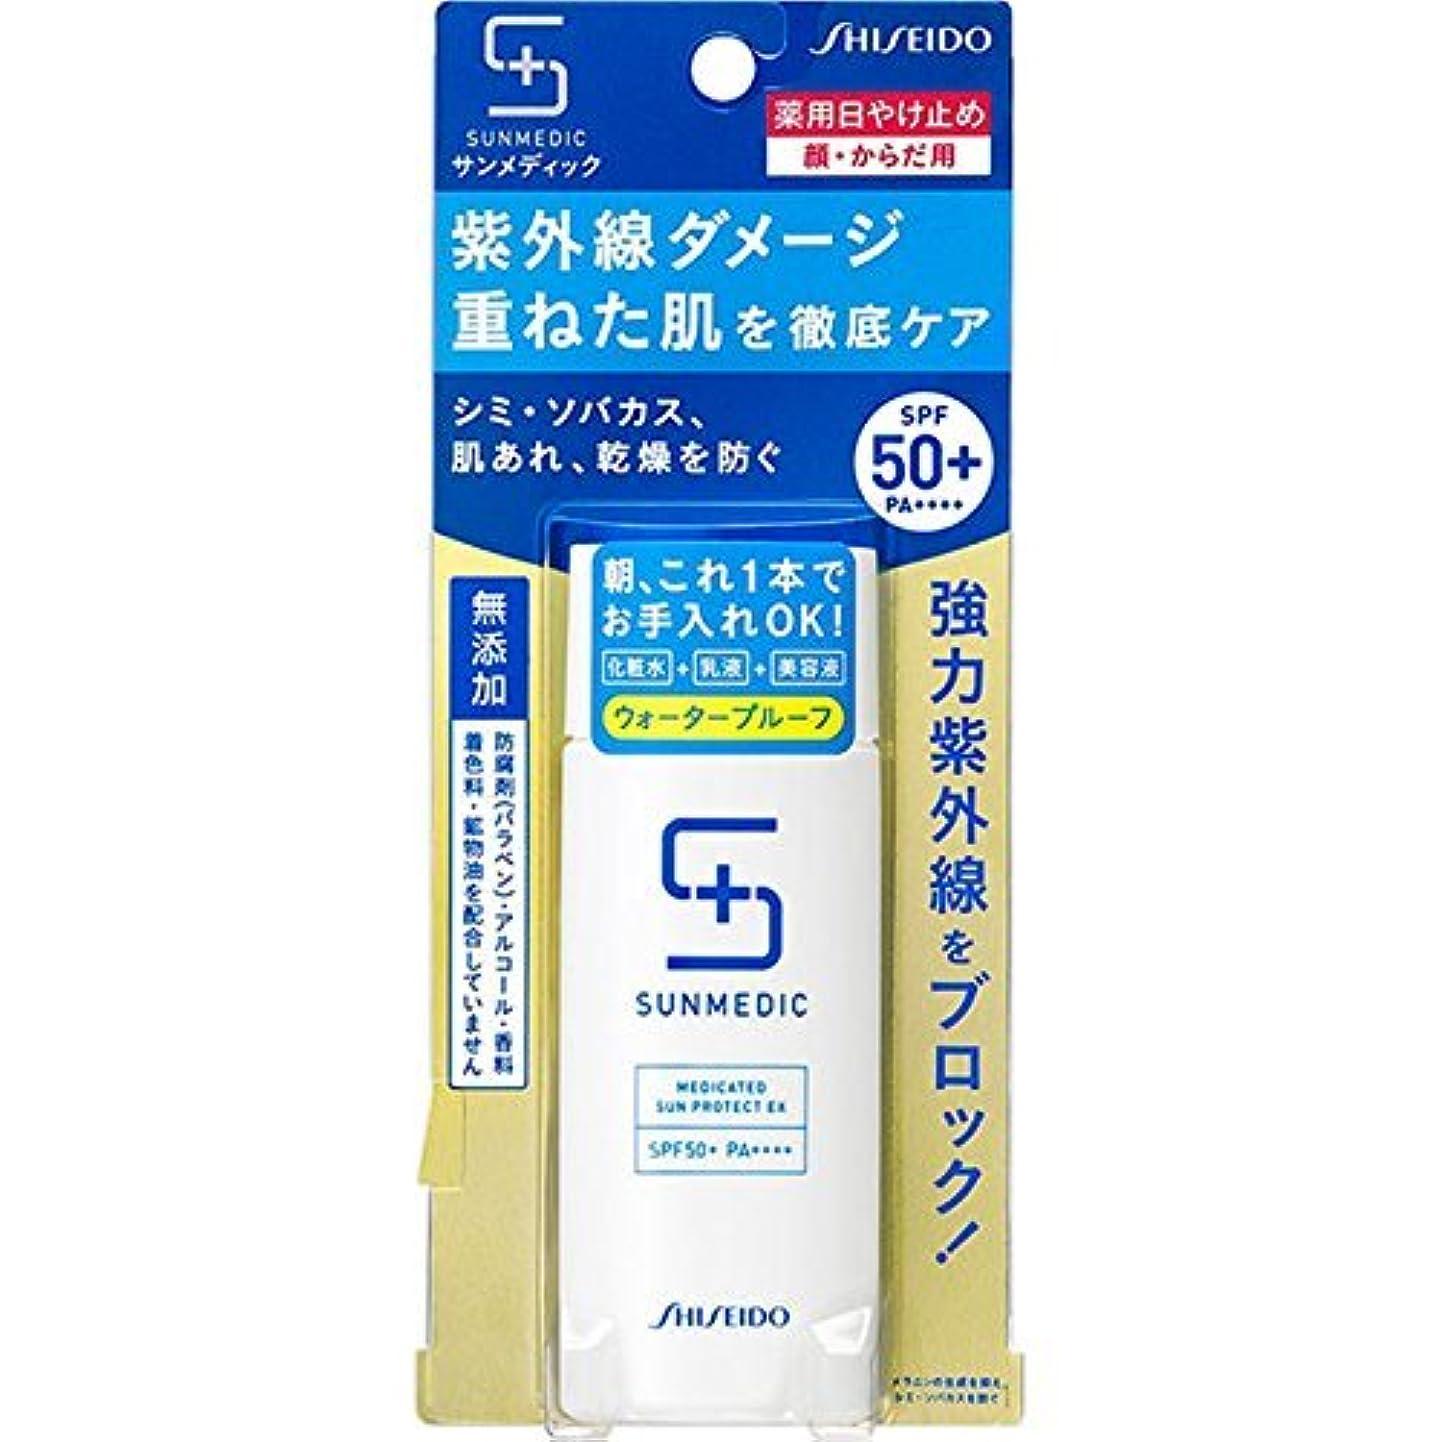 ジェム現像勢いMK サンメディックUV 薬用サンプロテクトEX 50mL (医薬部外品)